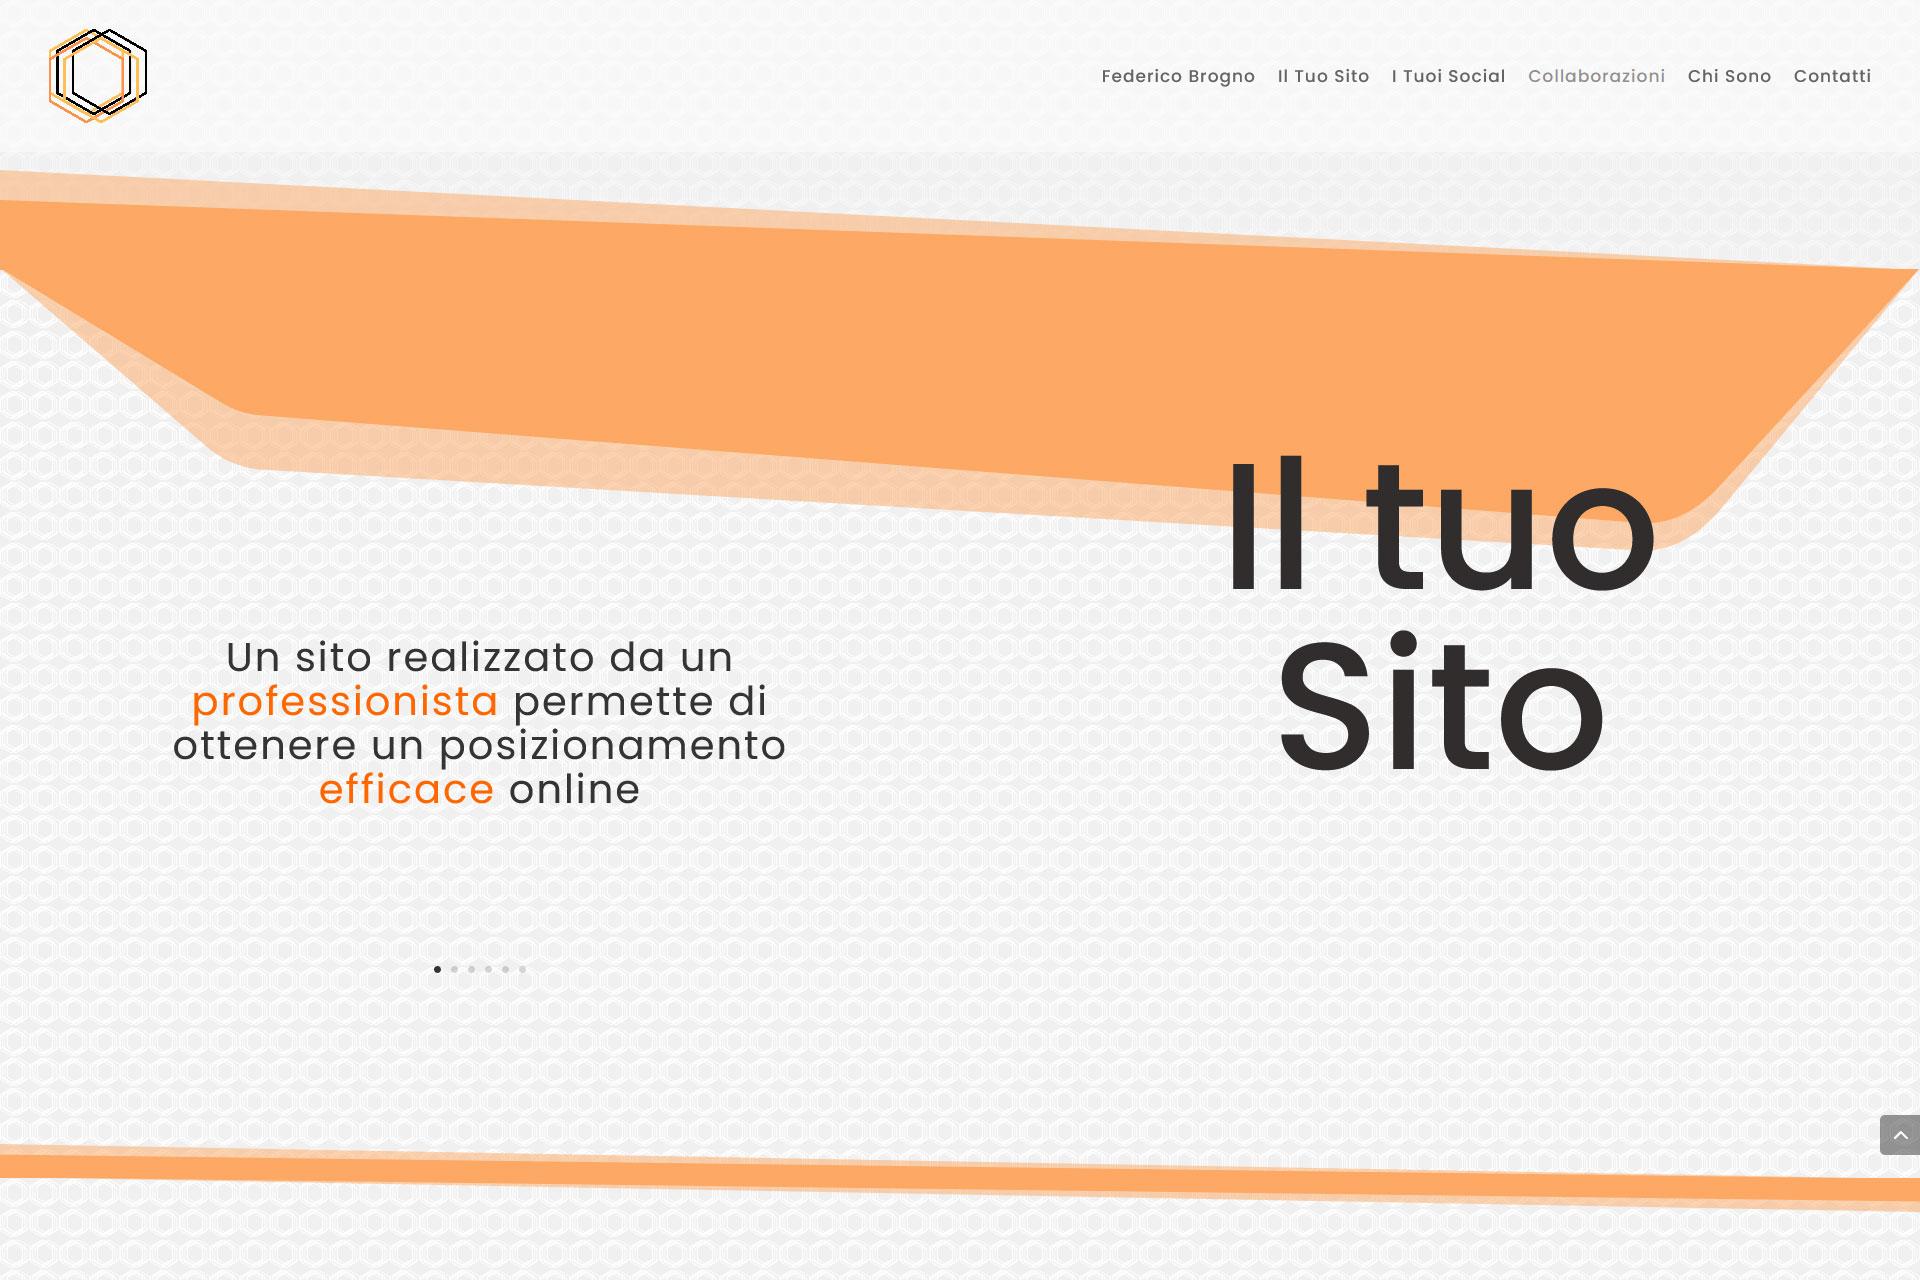 lv-design-realizzazione-siti-web-bologna-portfolio-federico-brogno-slide-3